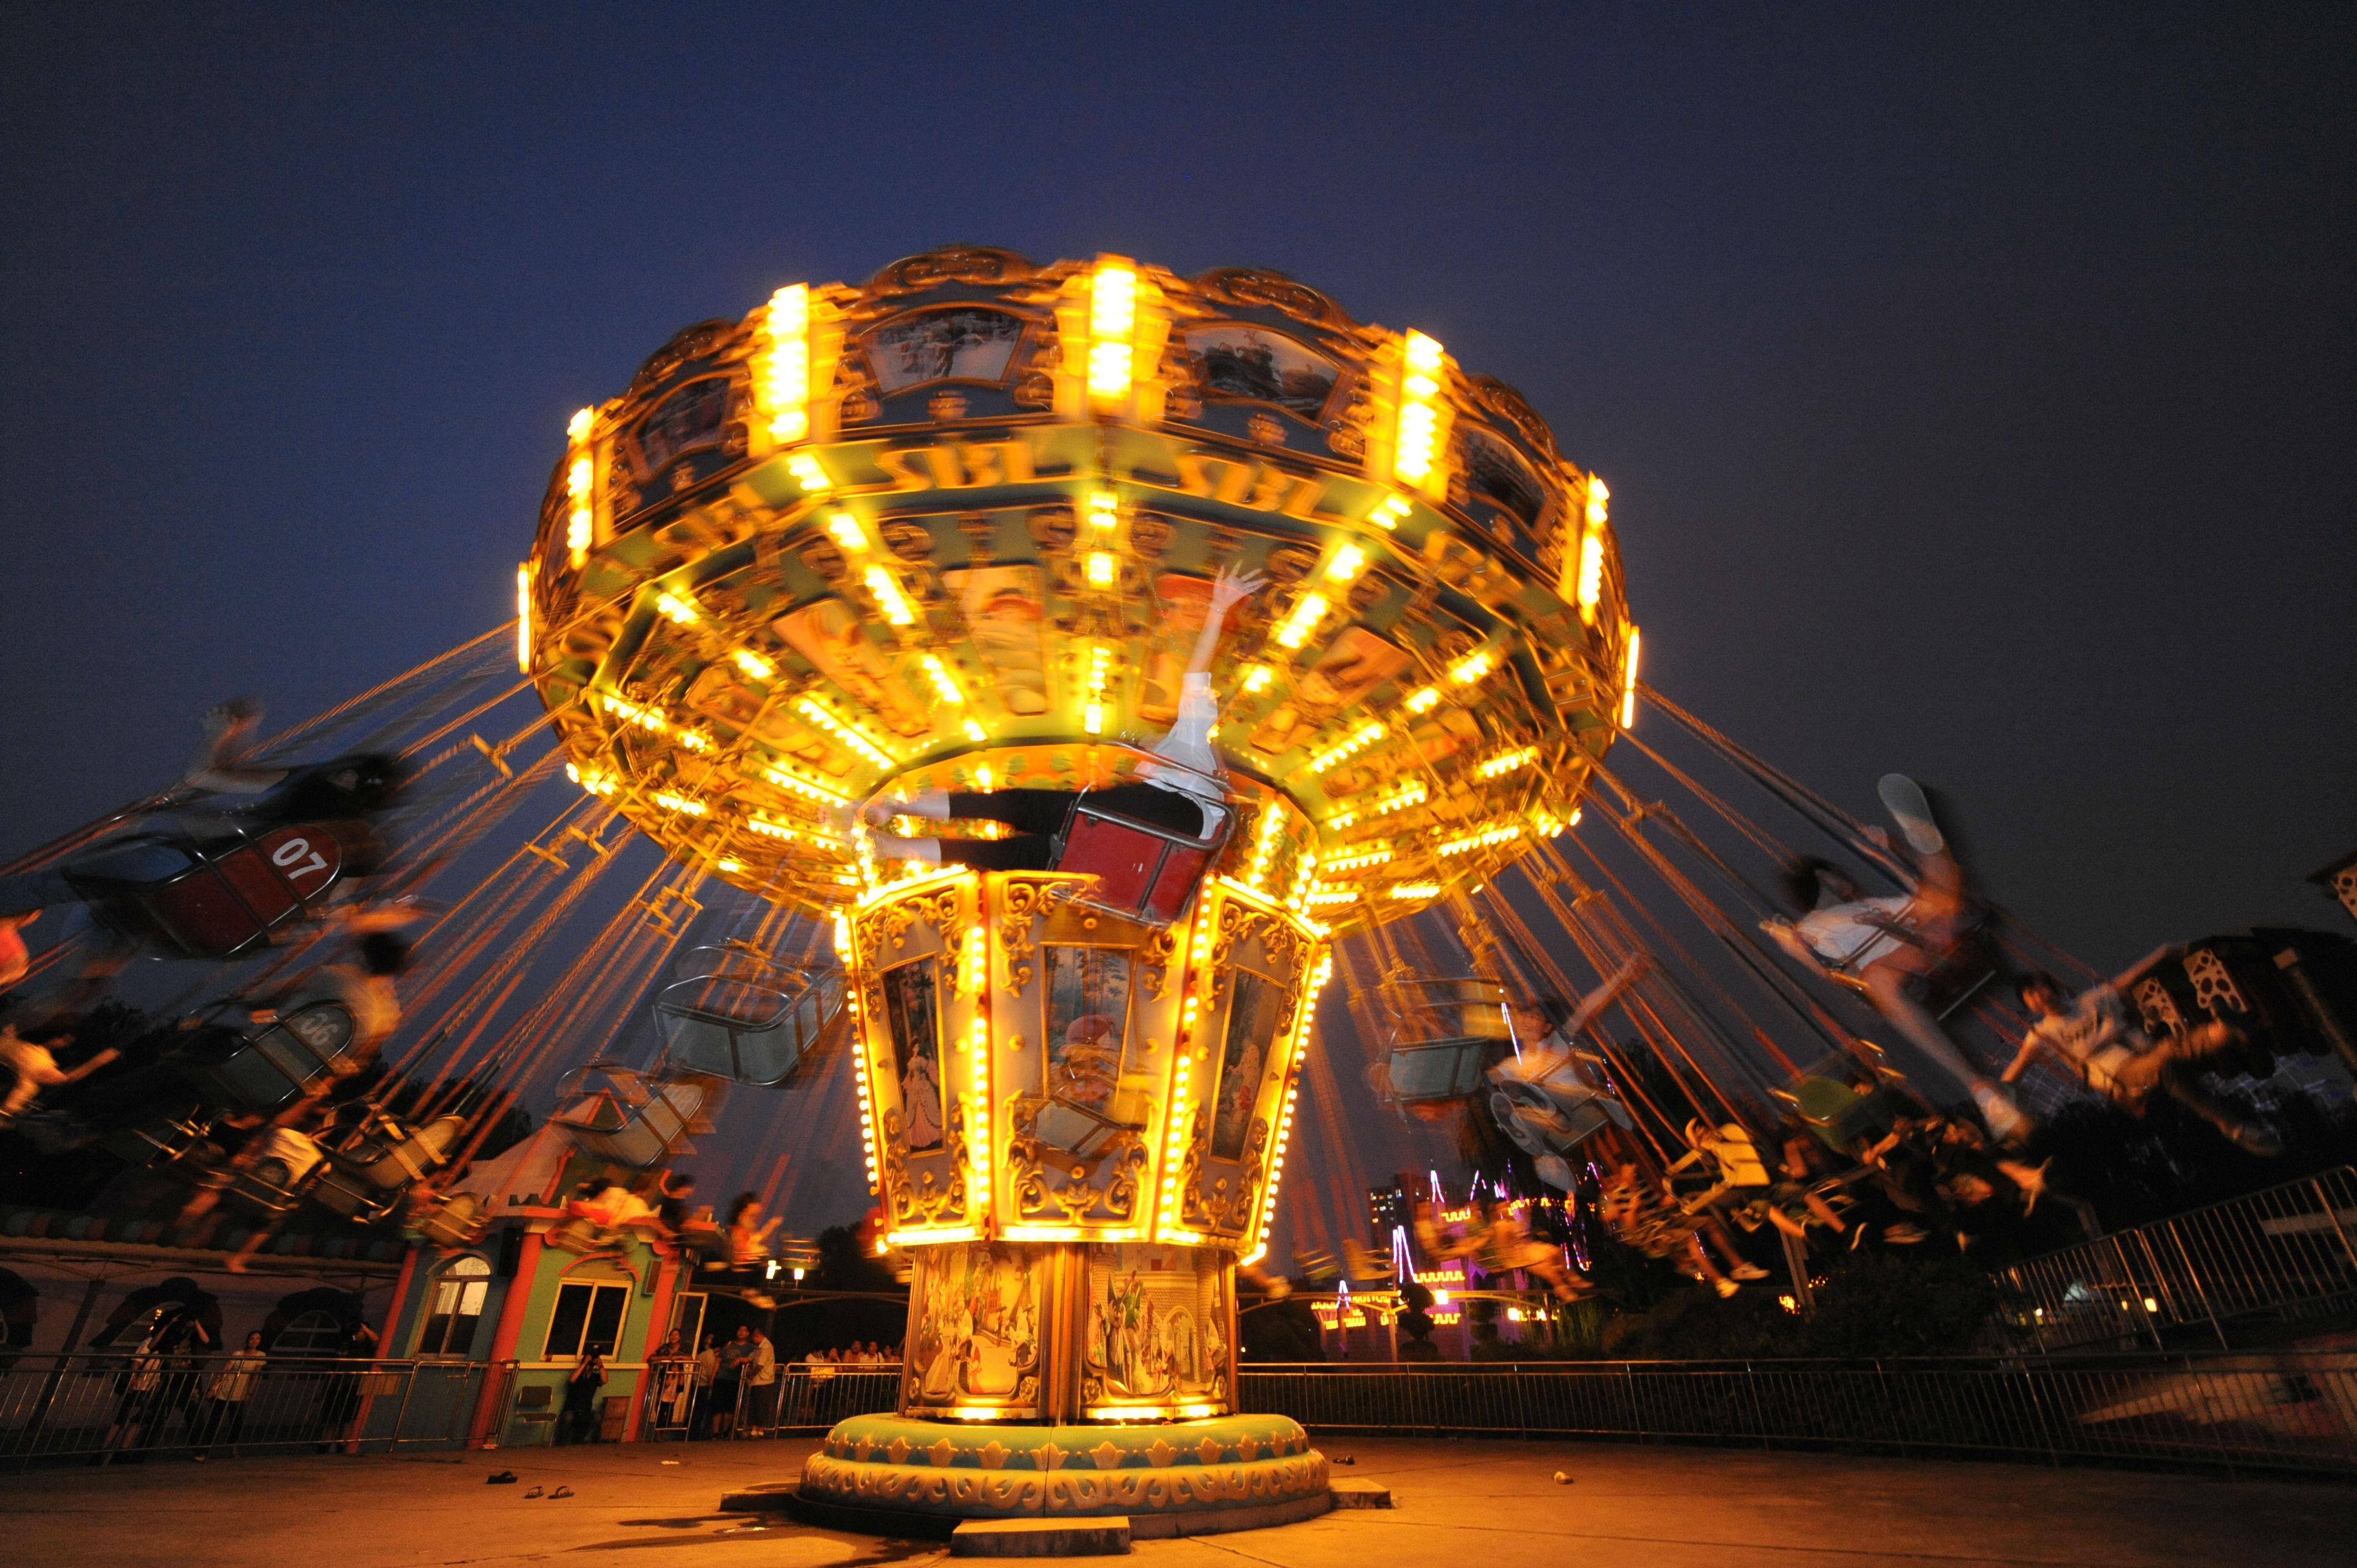 石景山游乐园图片